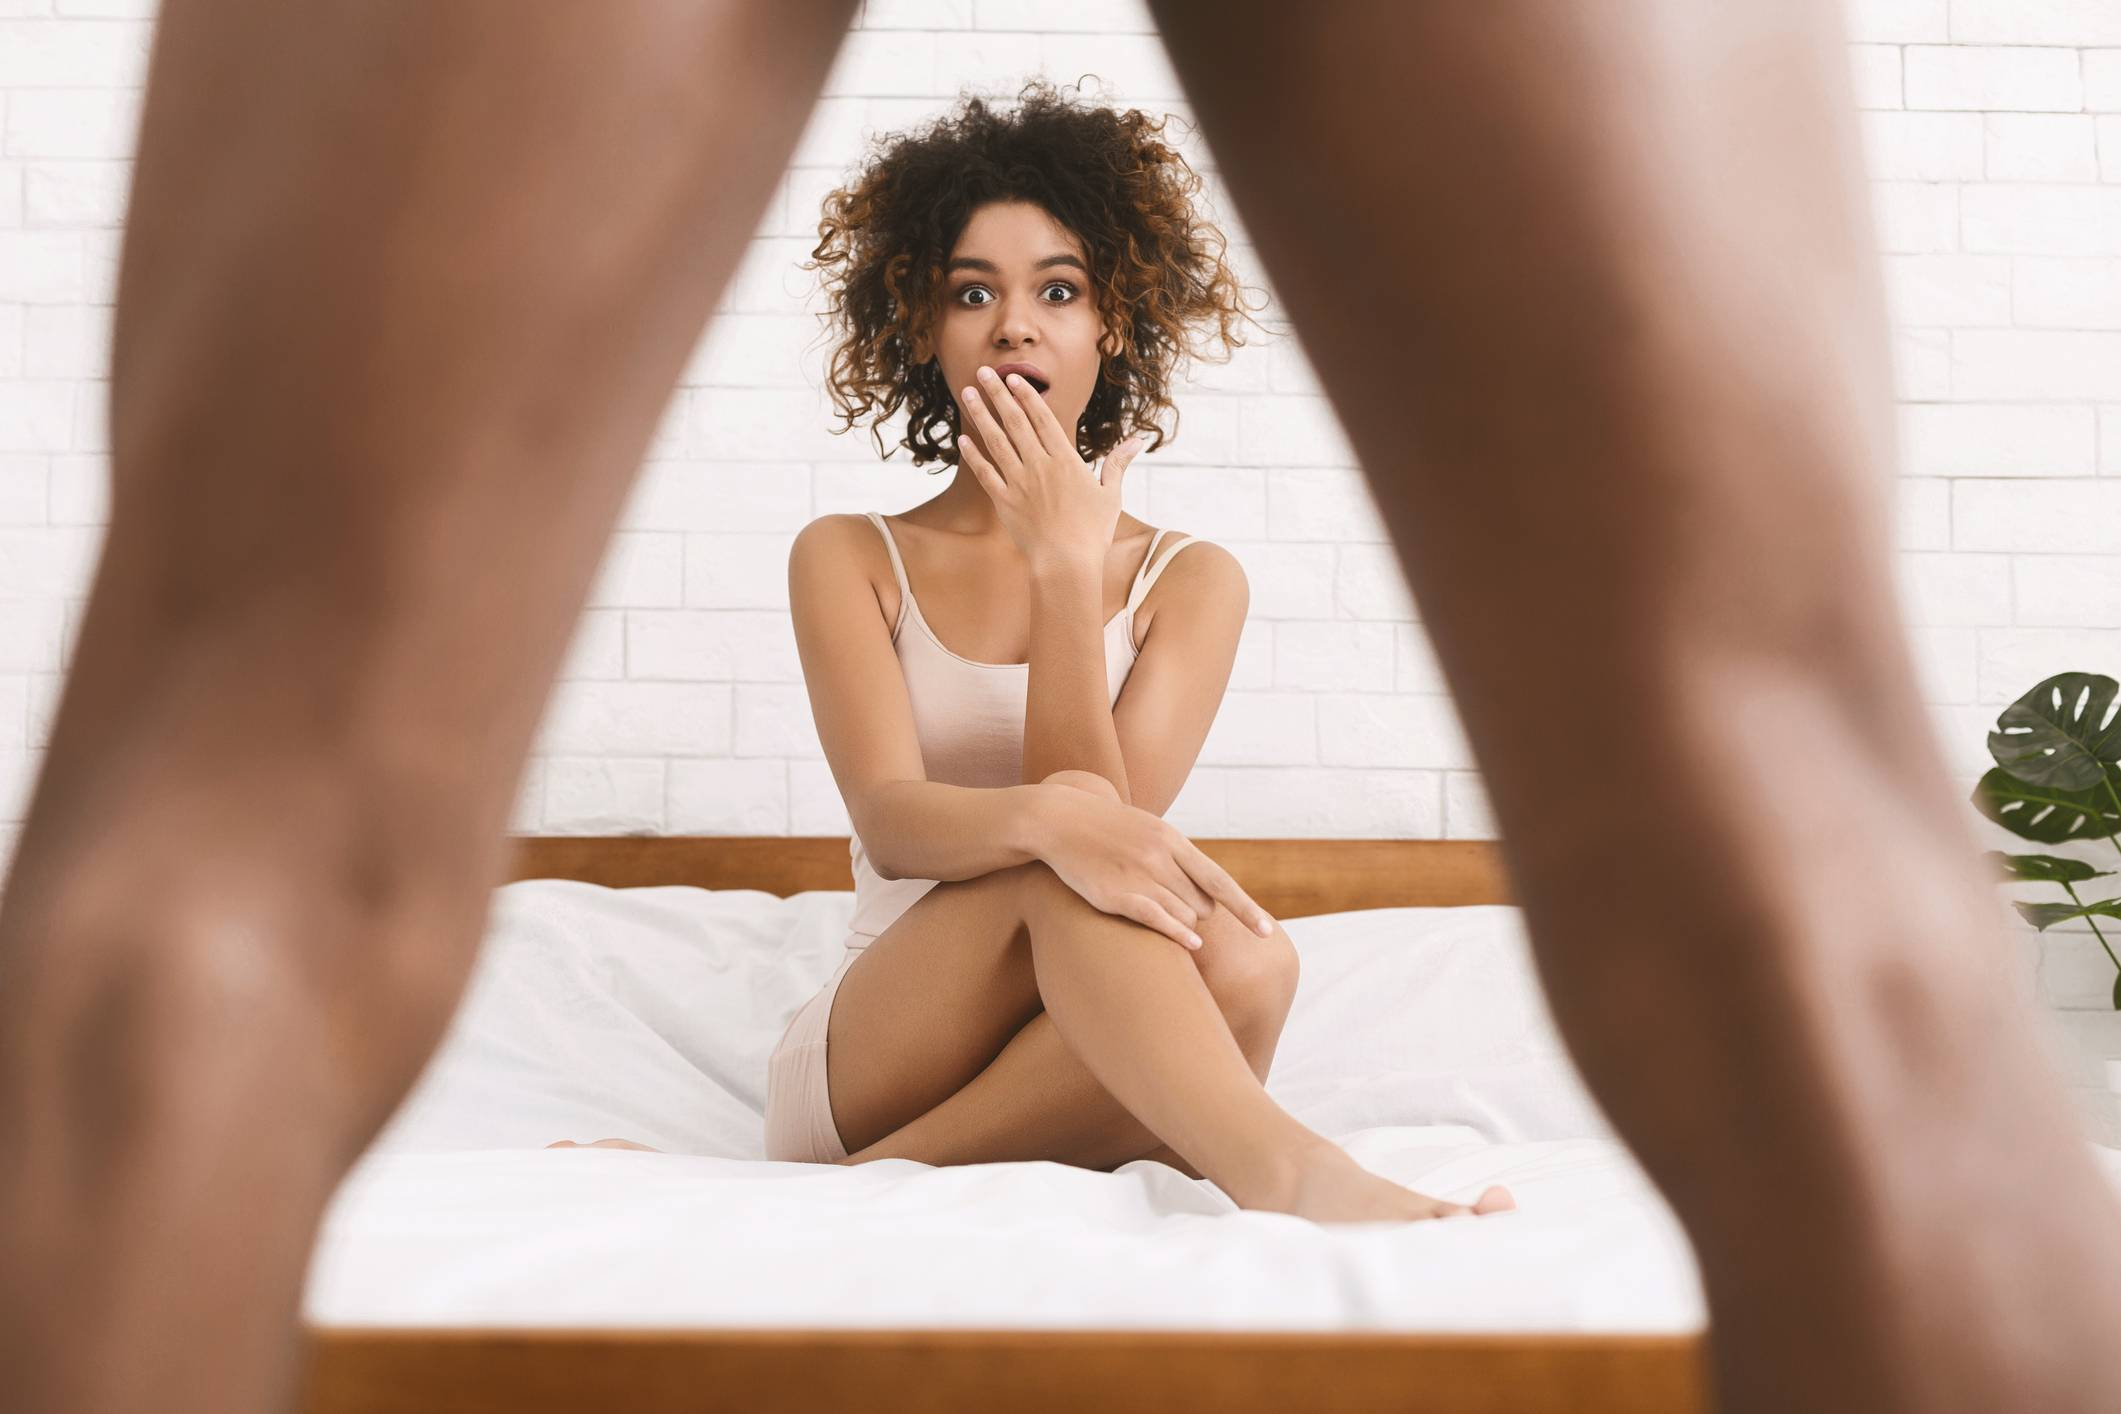 mit kell tenni, amikor egy kis pénisz